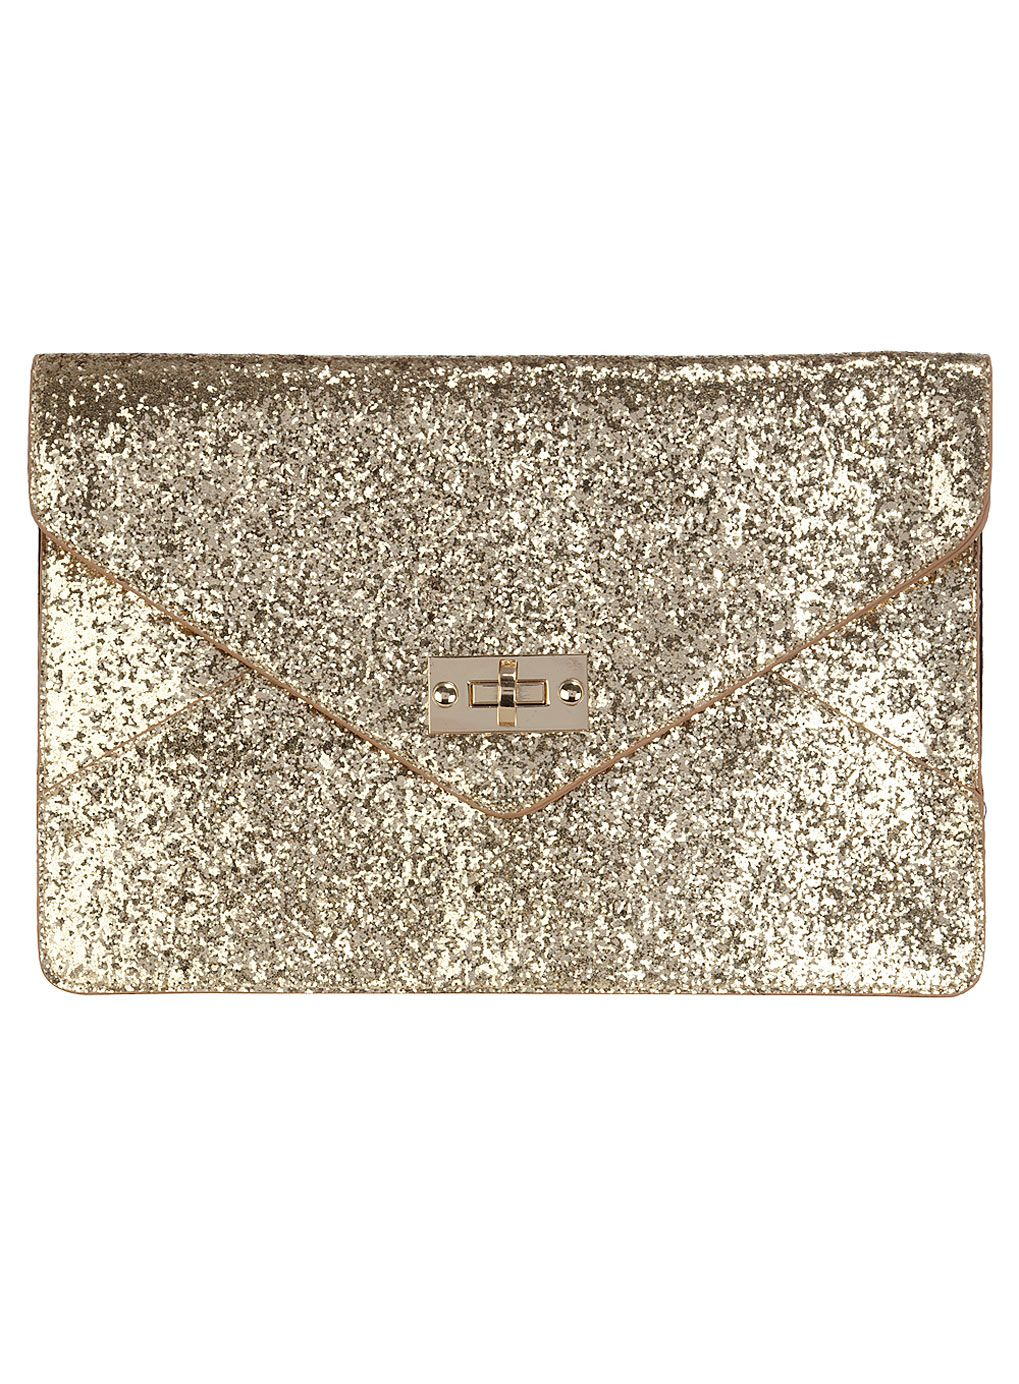 Kardashian gold glitter clutch